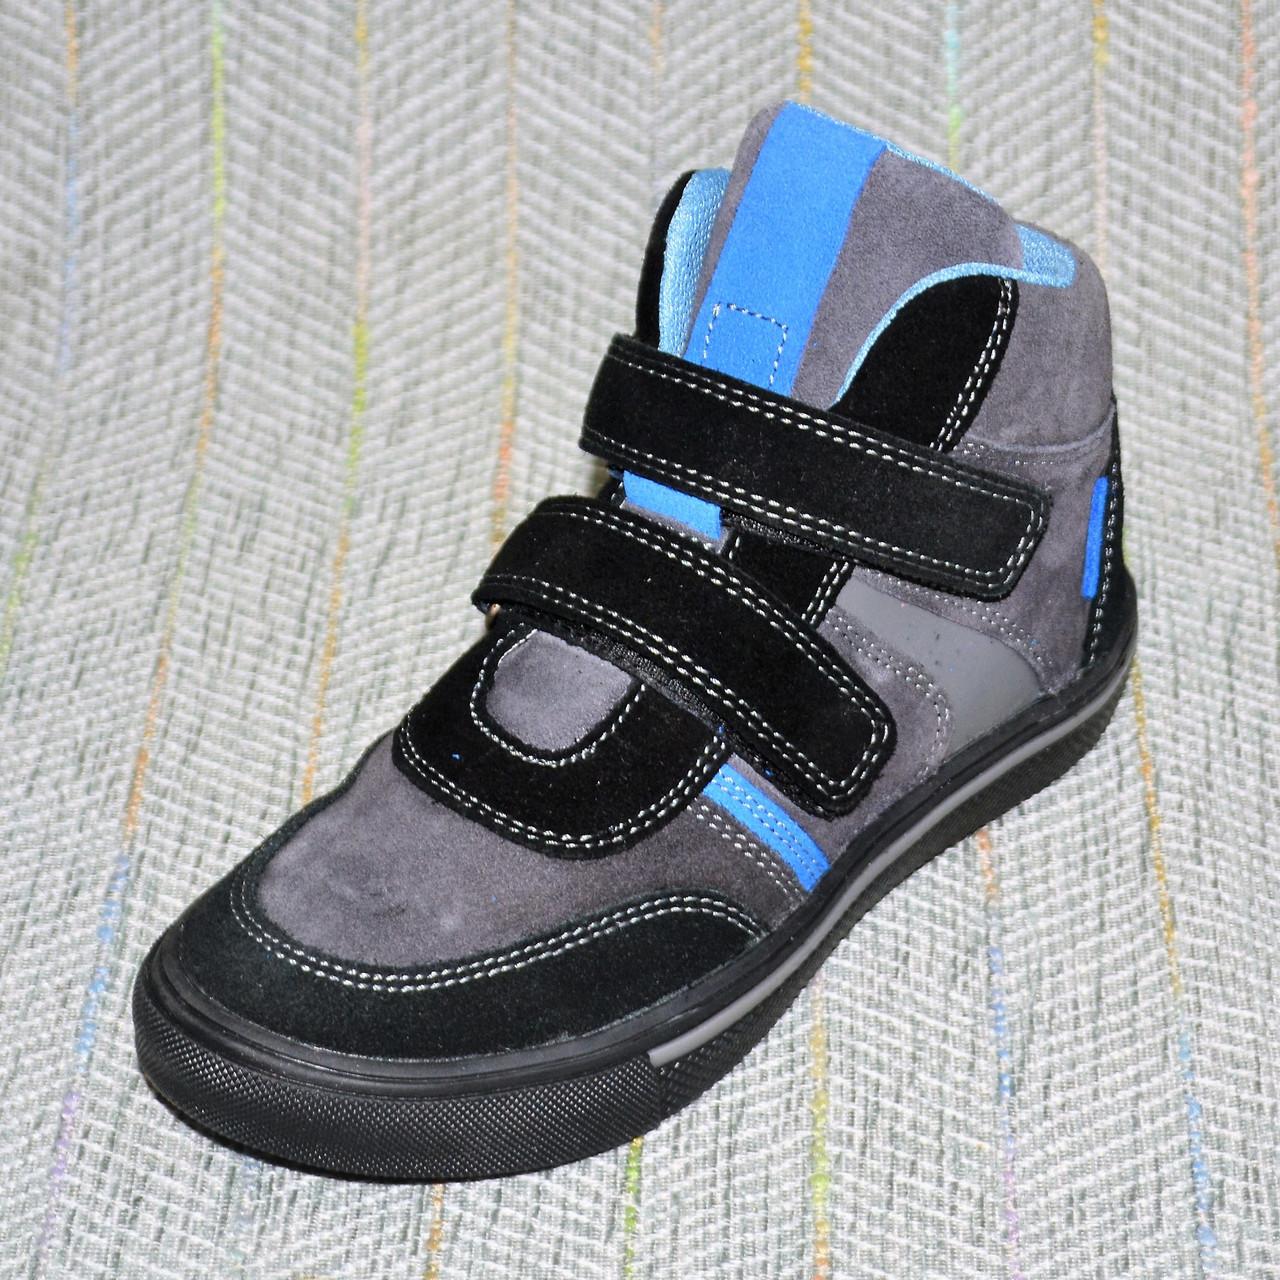 5b87f9cad Ботинки-кроссы на мальчика, Мальвы размер 30 31 32 33 34 35, цена 1 ...